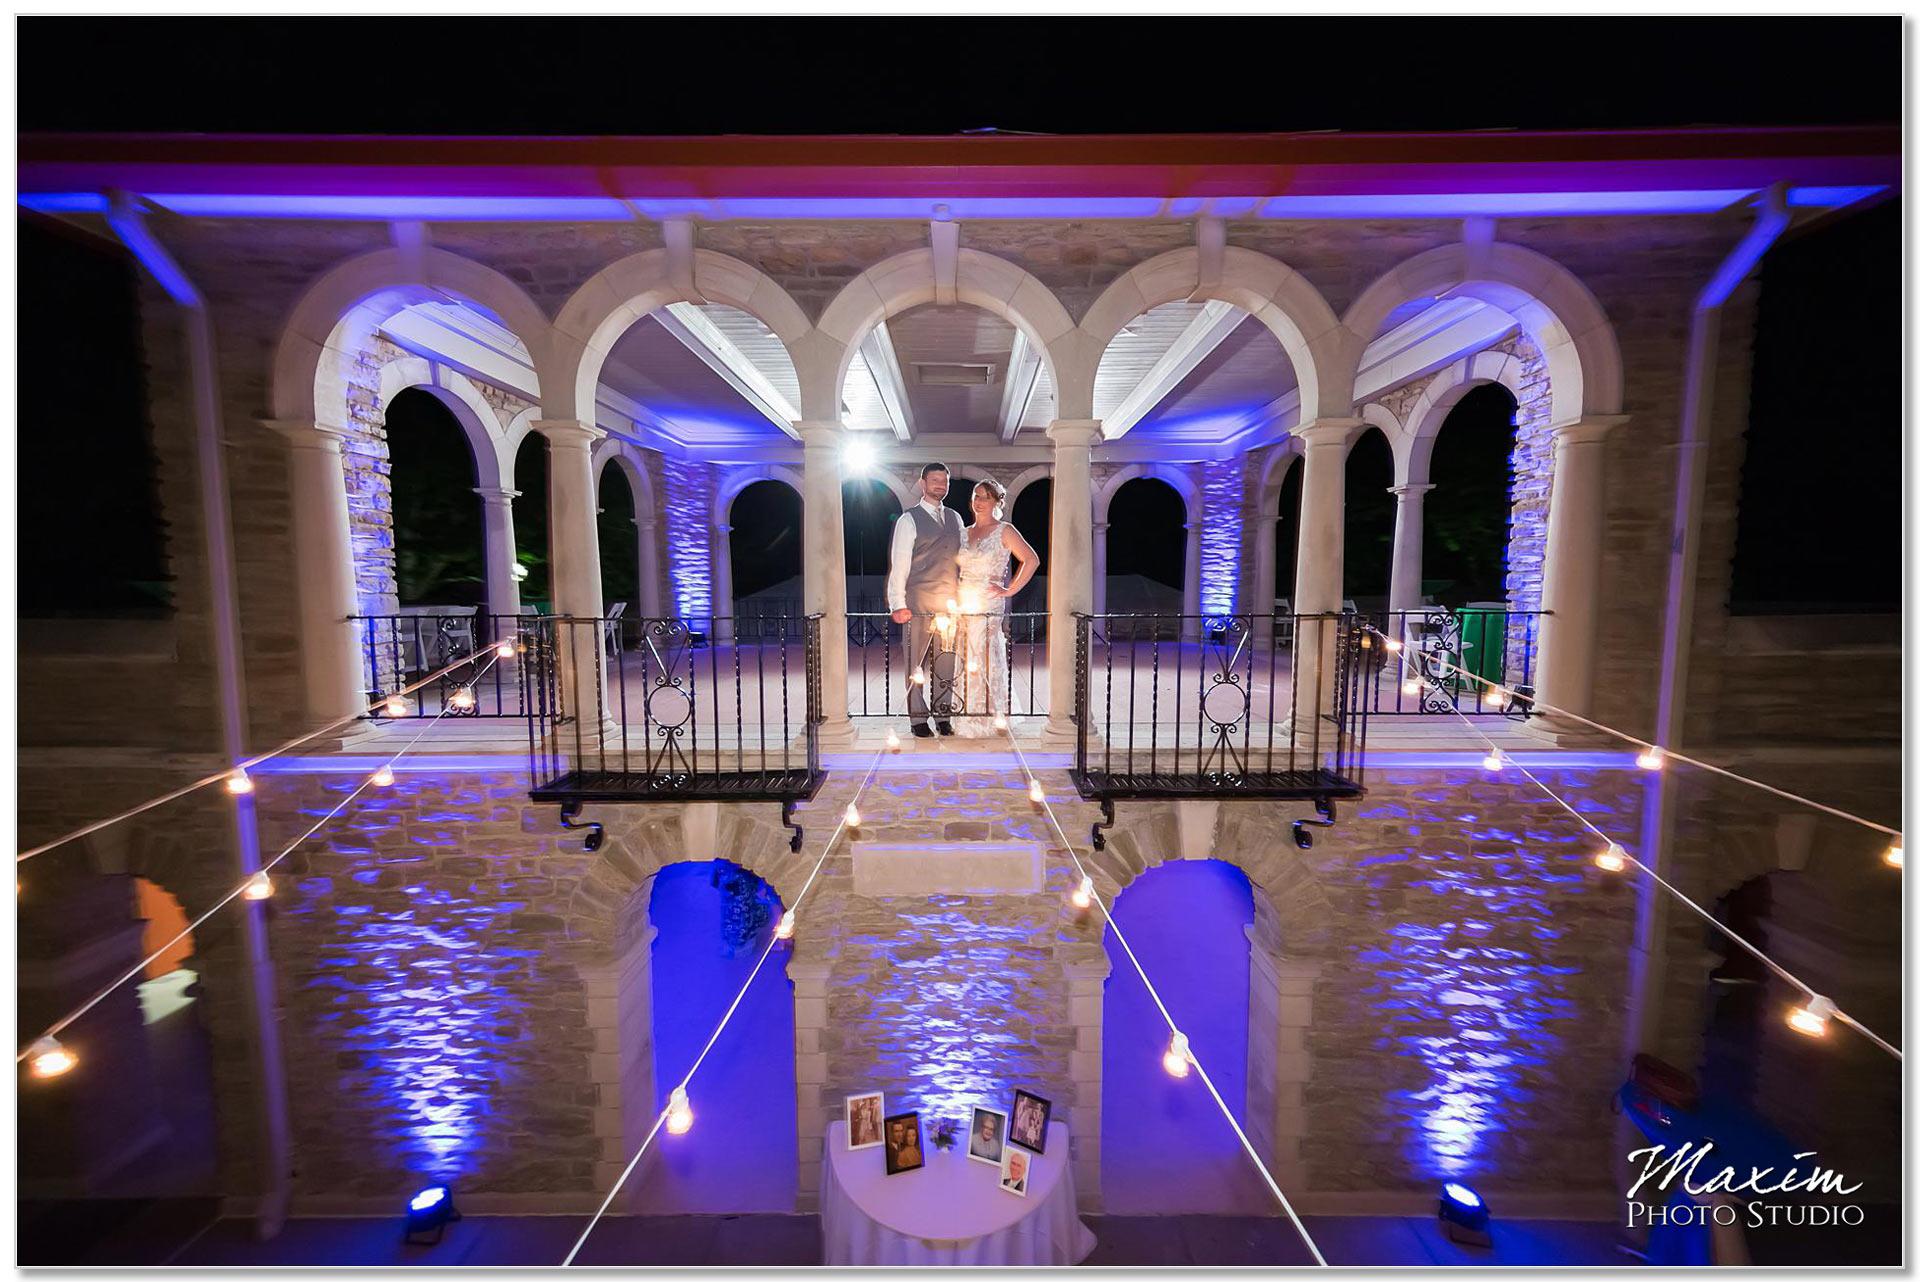 Alms Park wedding reception pavilion